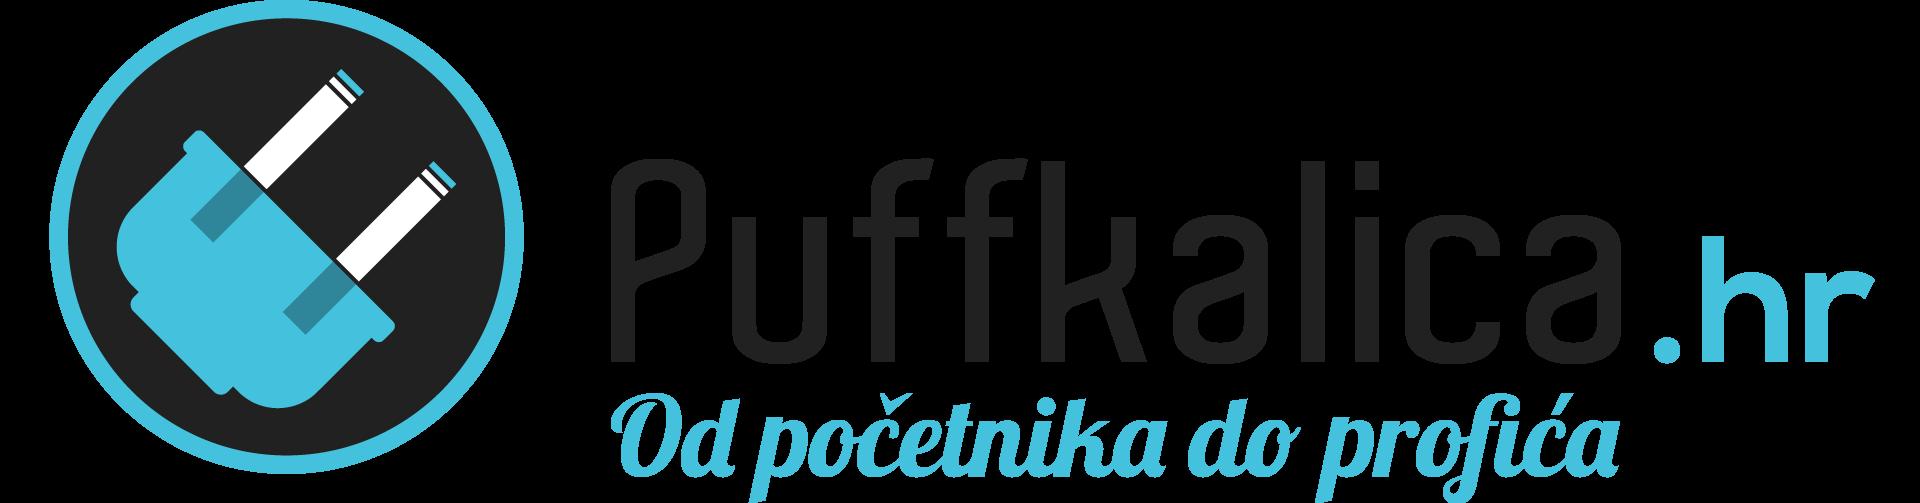 Puffkalica